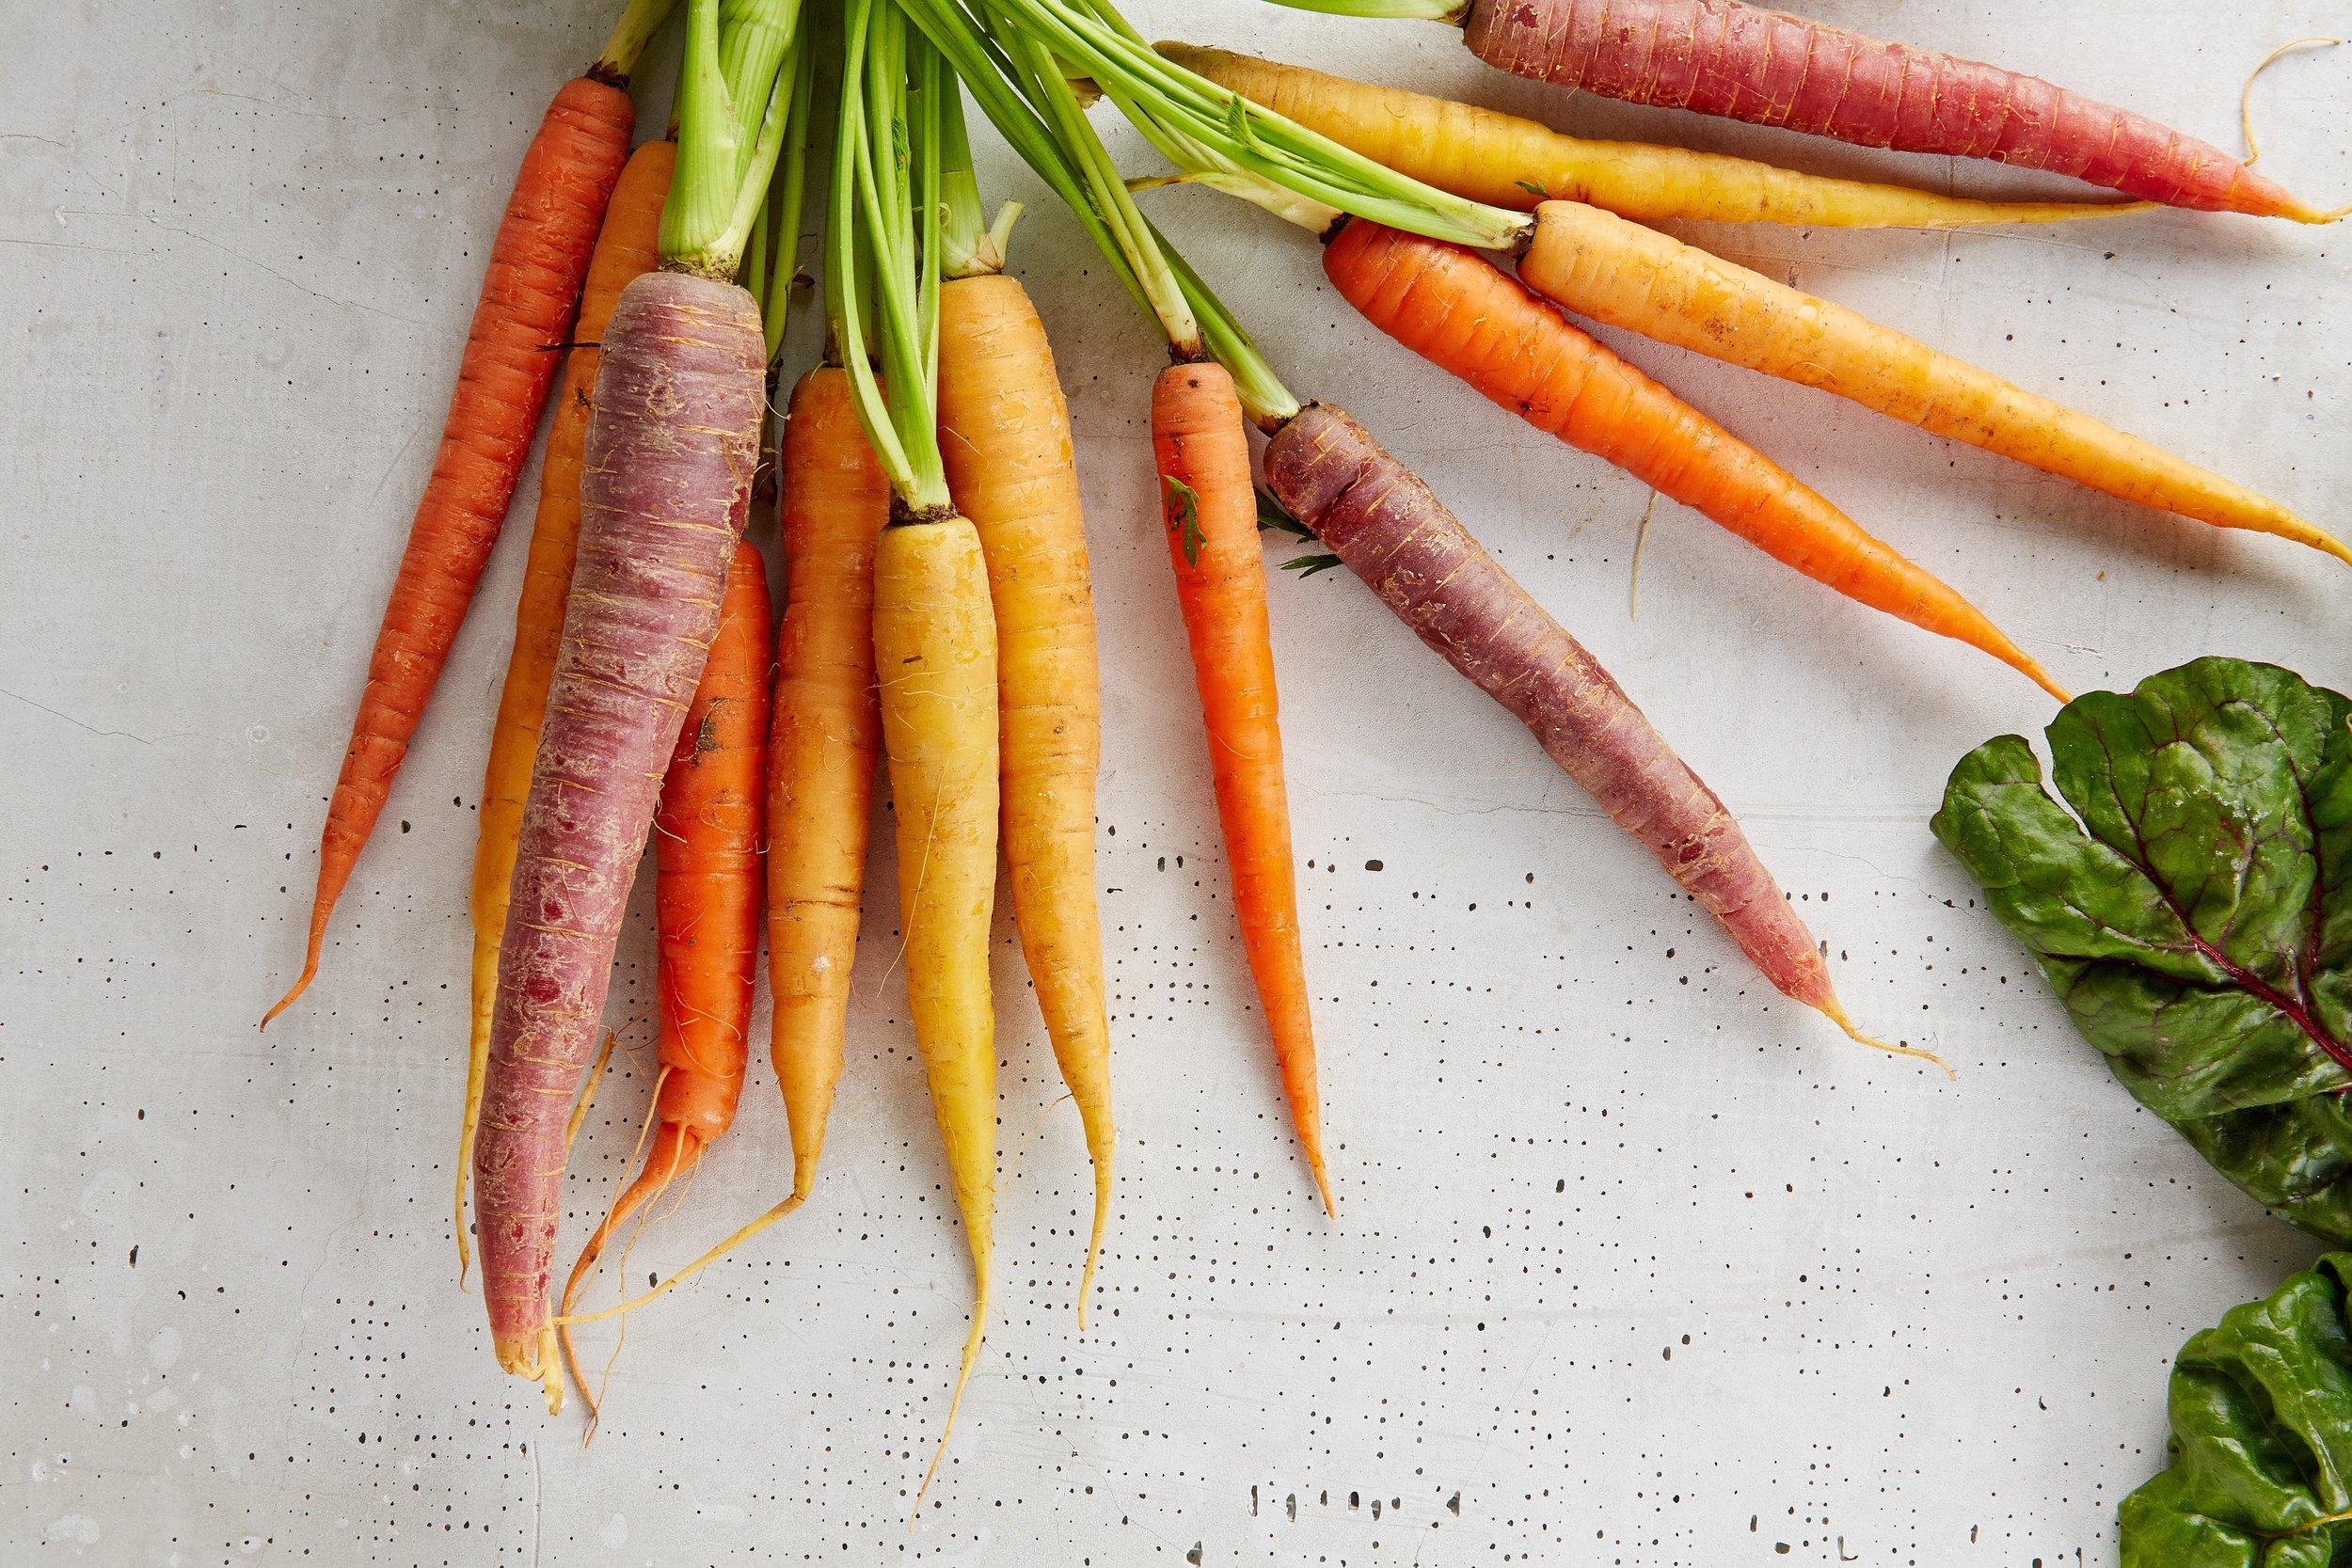 micronutrientsblogpost.jpg